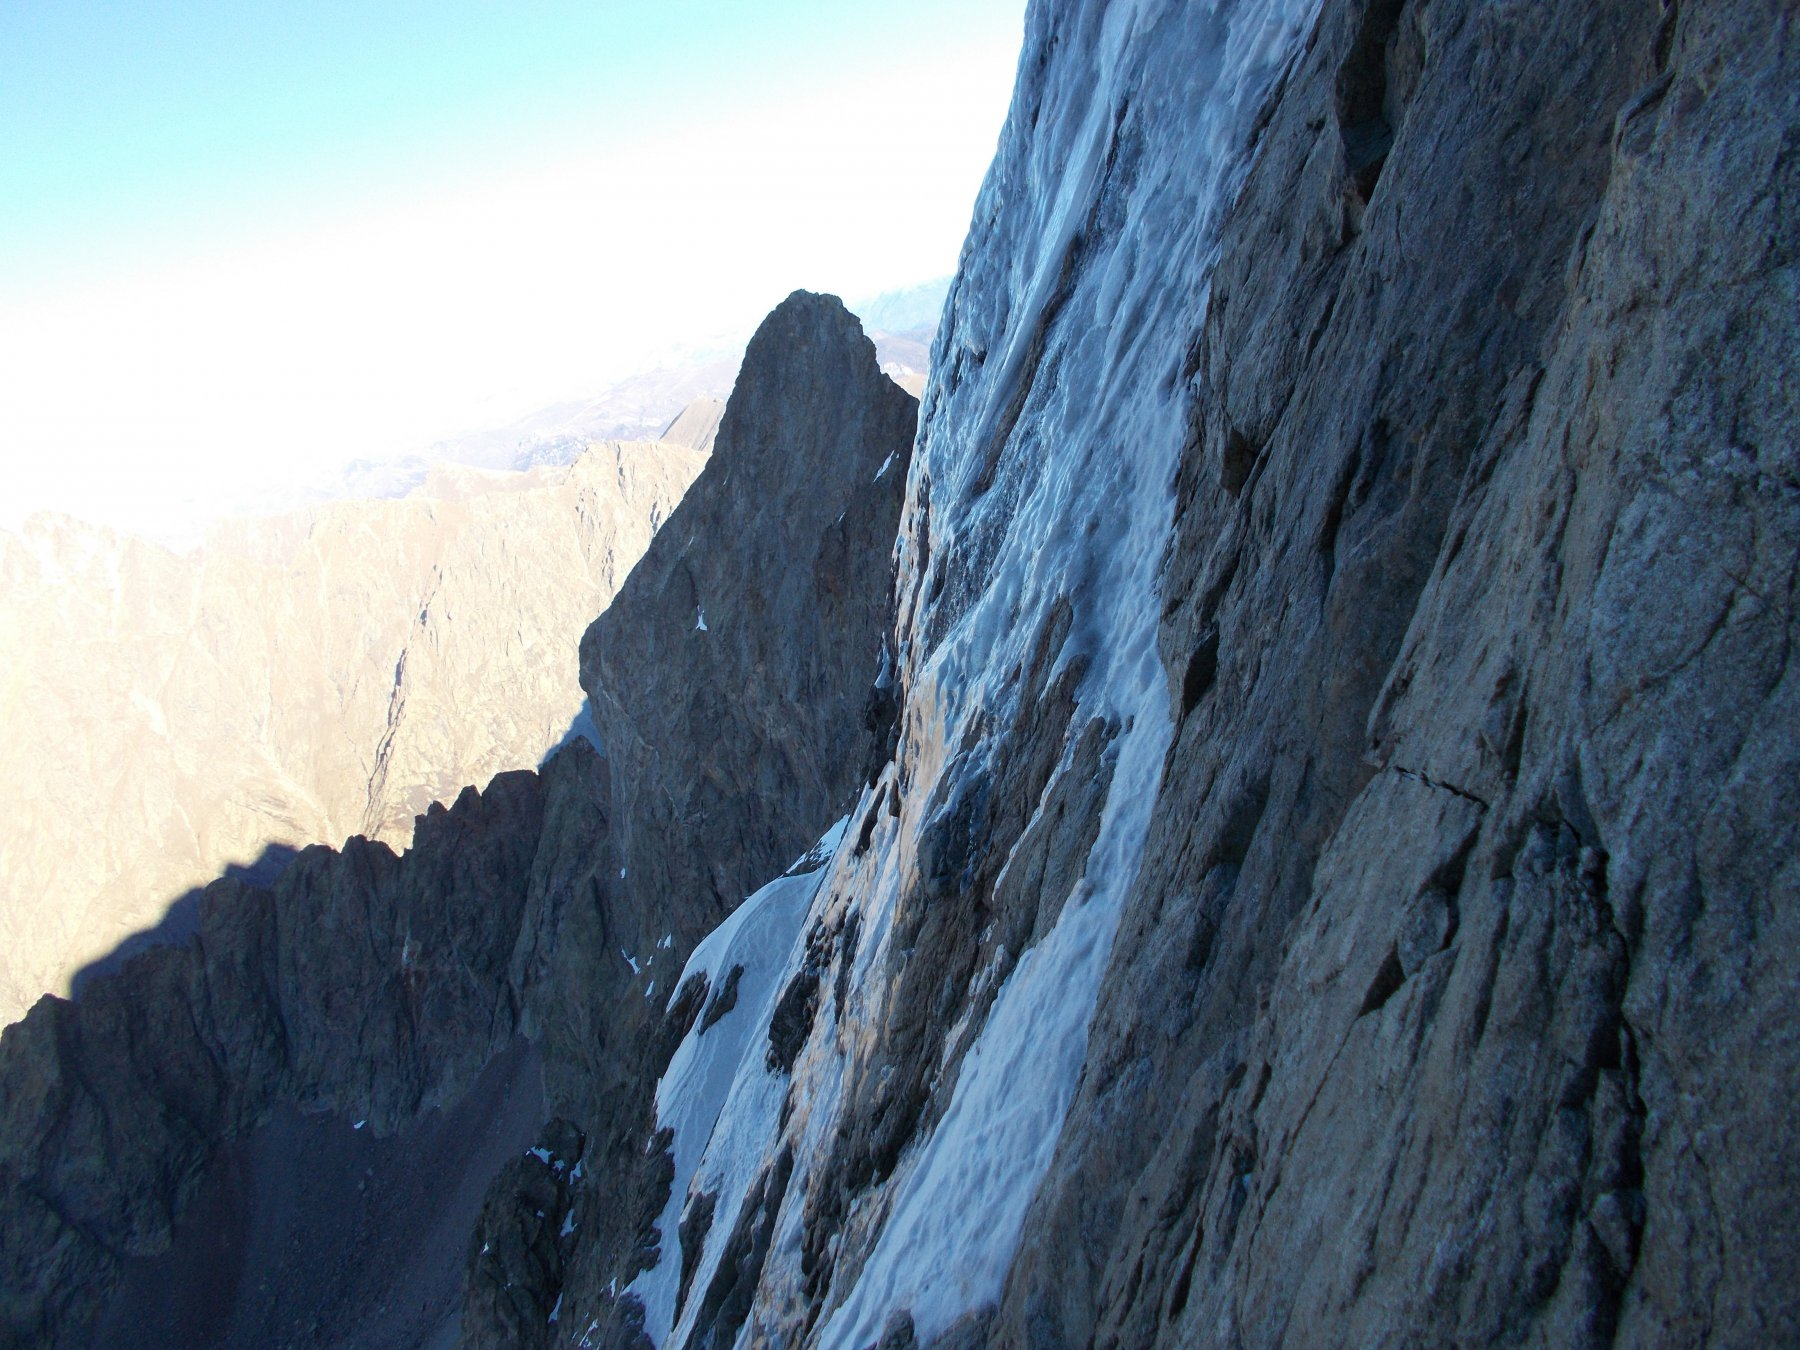 il Corno Stella fa capolino da dietro la parete foderata di ghiaccio..